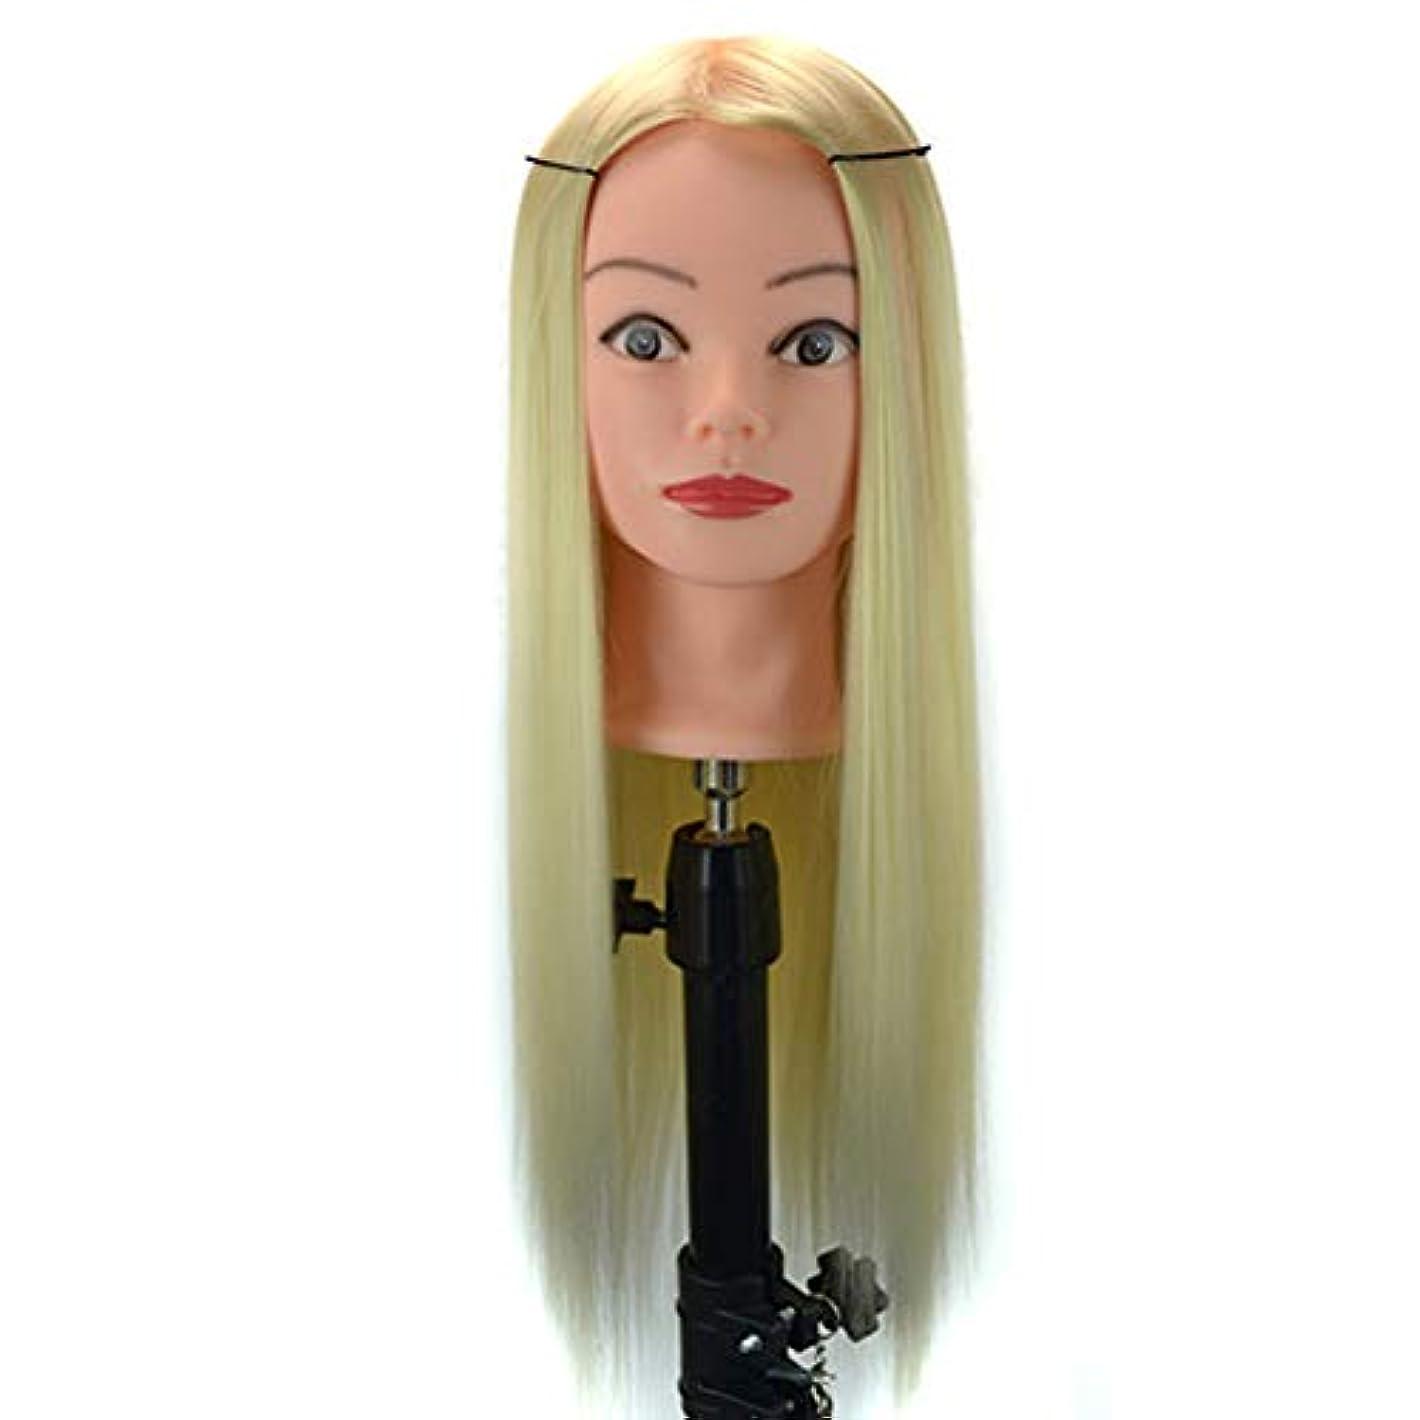 孤独なラックミッション高温ワイヤートレーニングヘッド理髪マネキン人形ヘッドメイクプレートヘアー練習帽子ジュエリーディスプレイヘッド金型,offwhite